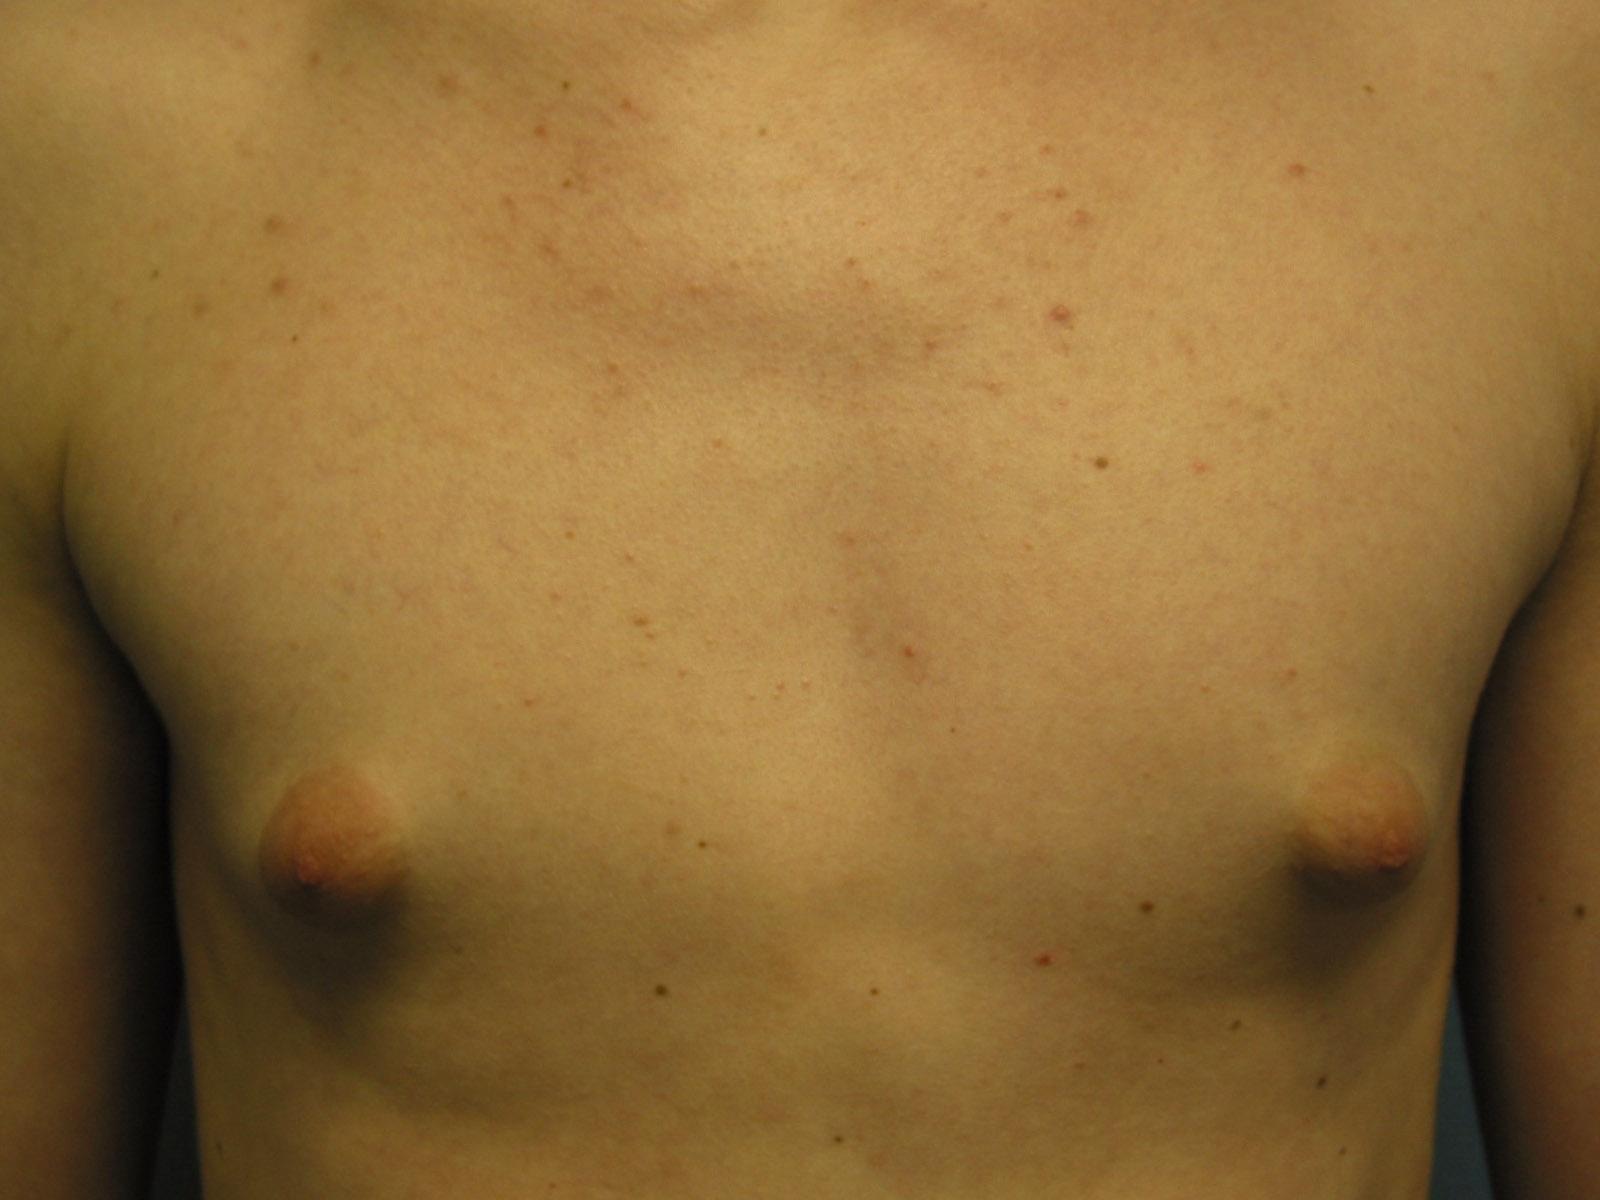 Фото отвисшие маленькие груди, Висячие сиськи - отвисшие сиськи, титьки и висячая 11 фотография